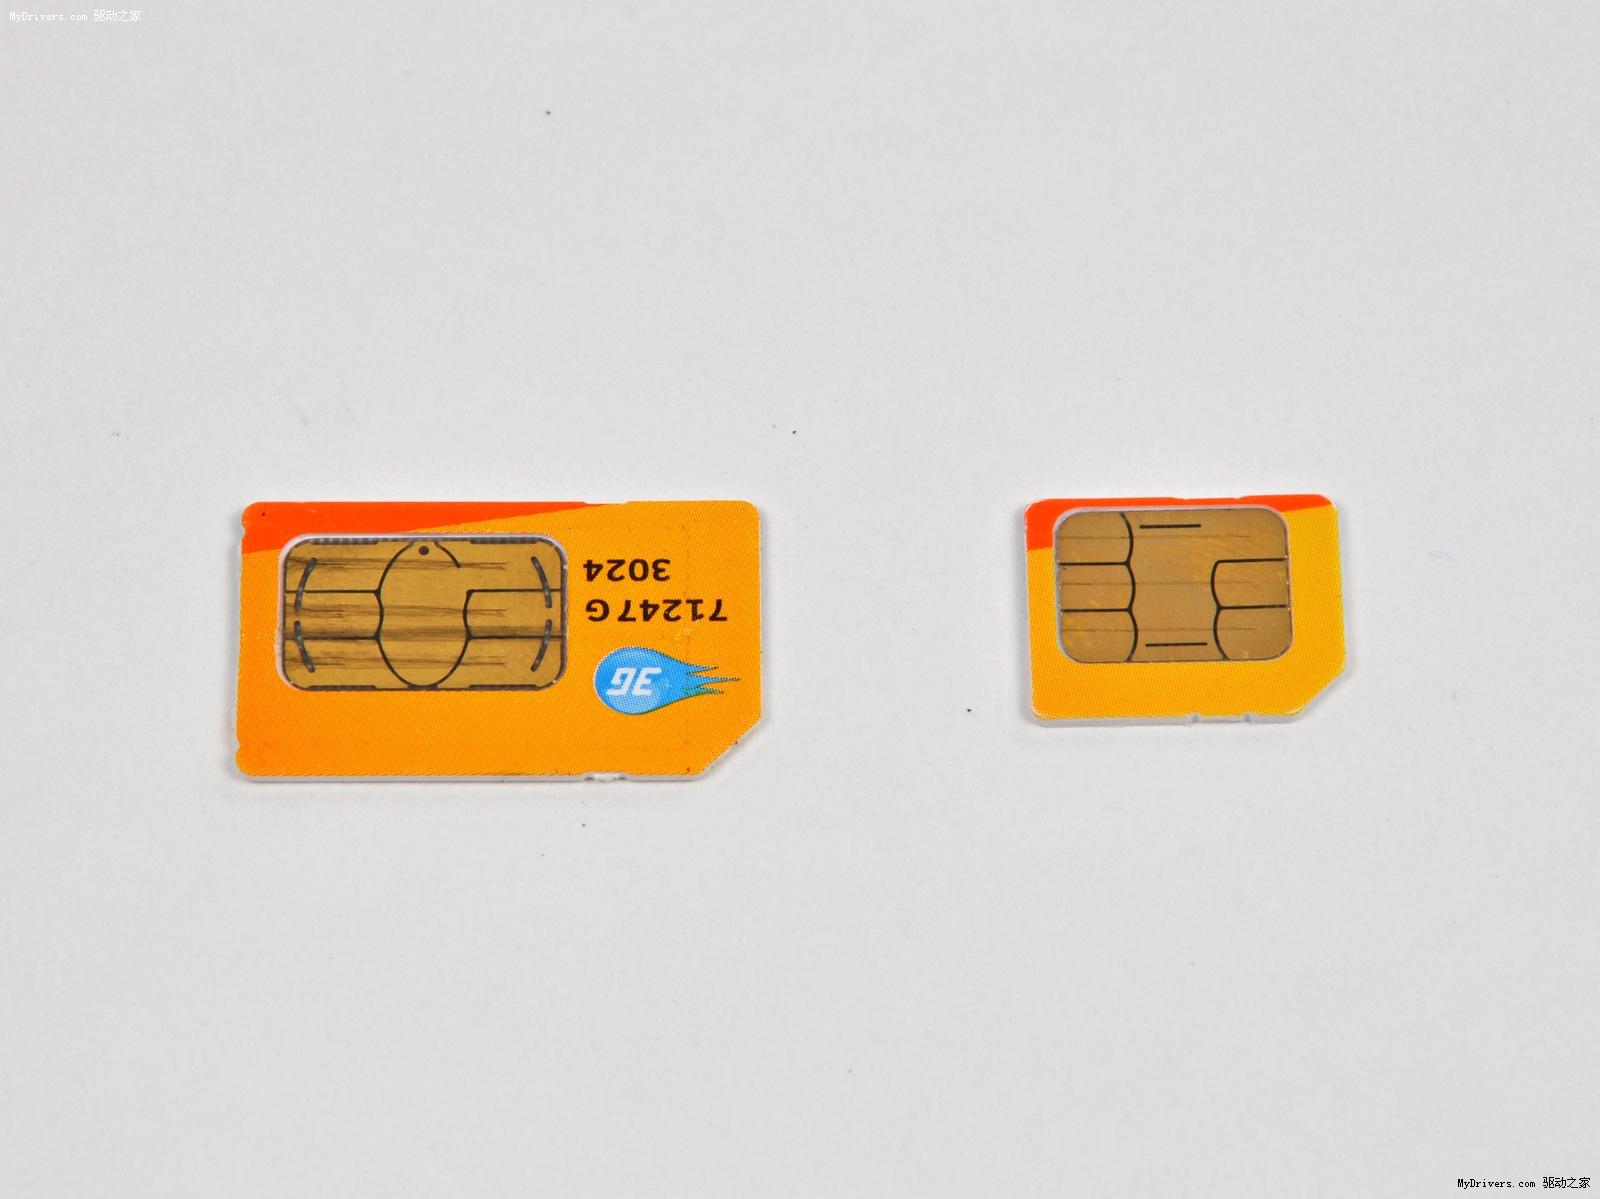 Две сим карты с одним и тем же 20